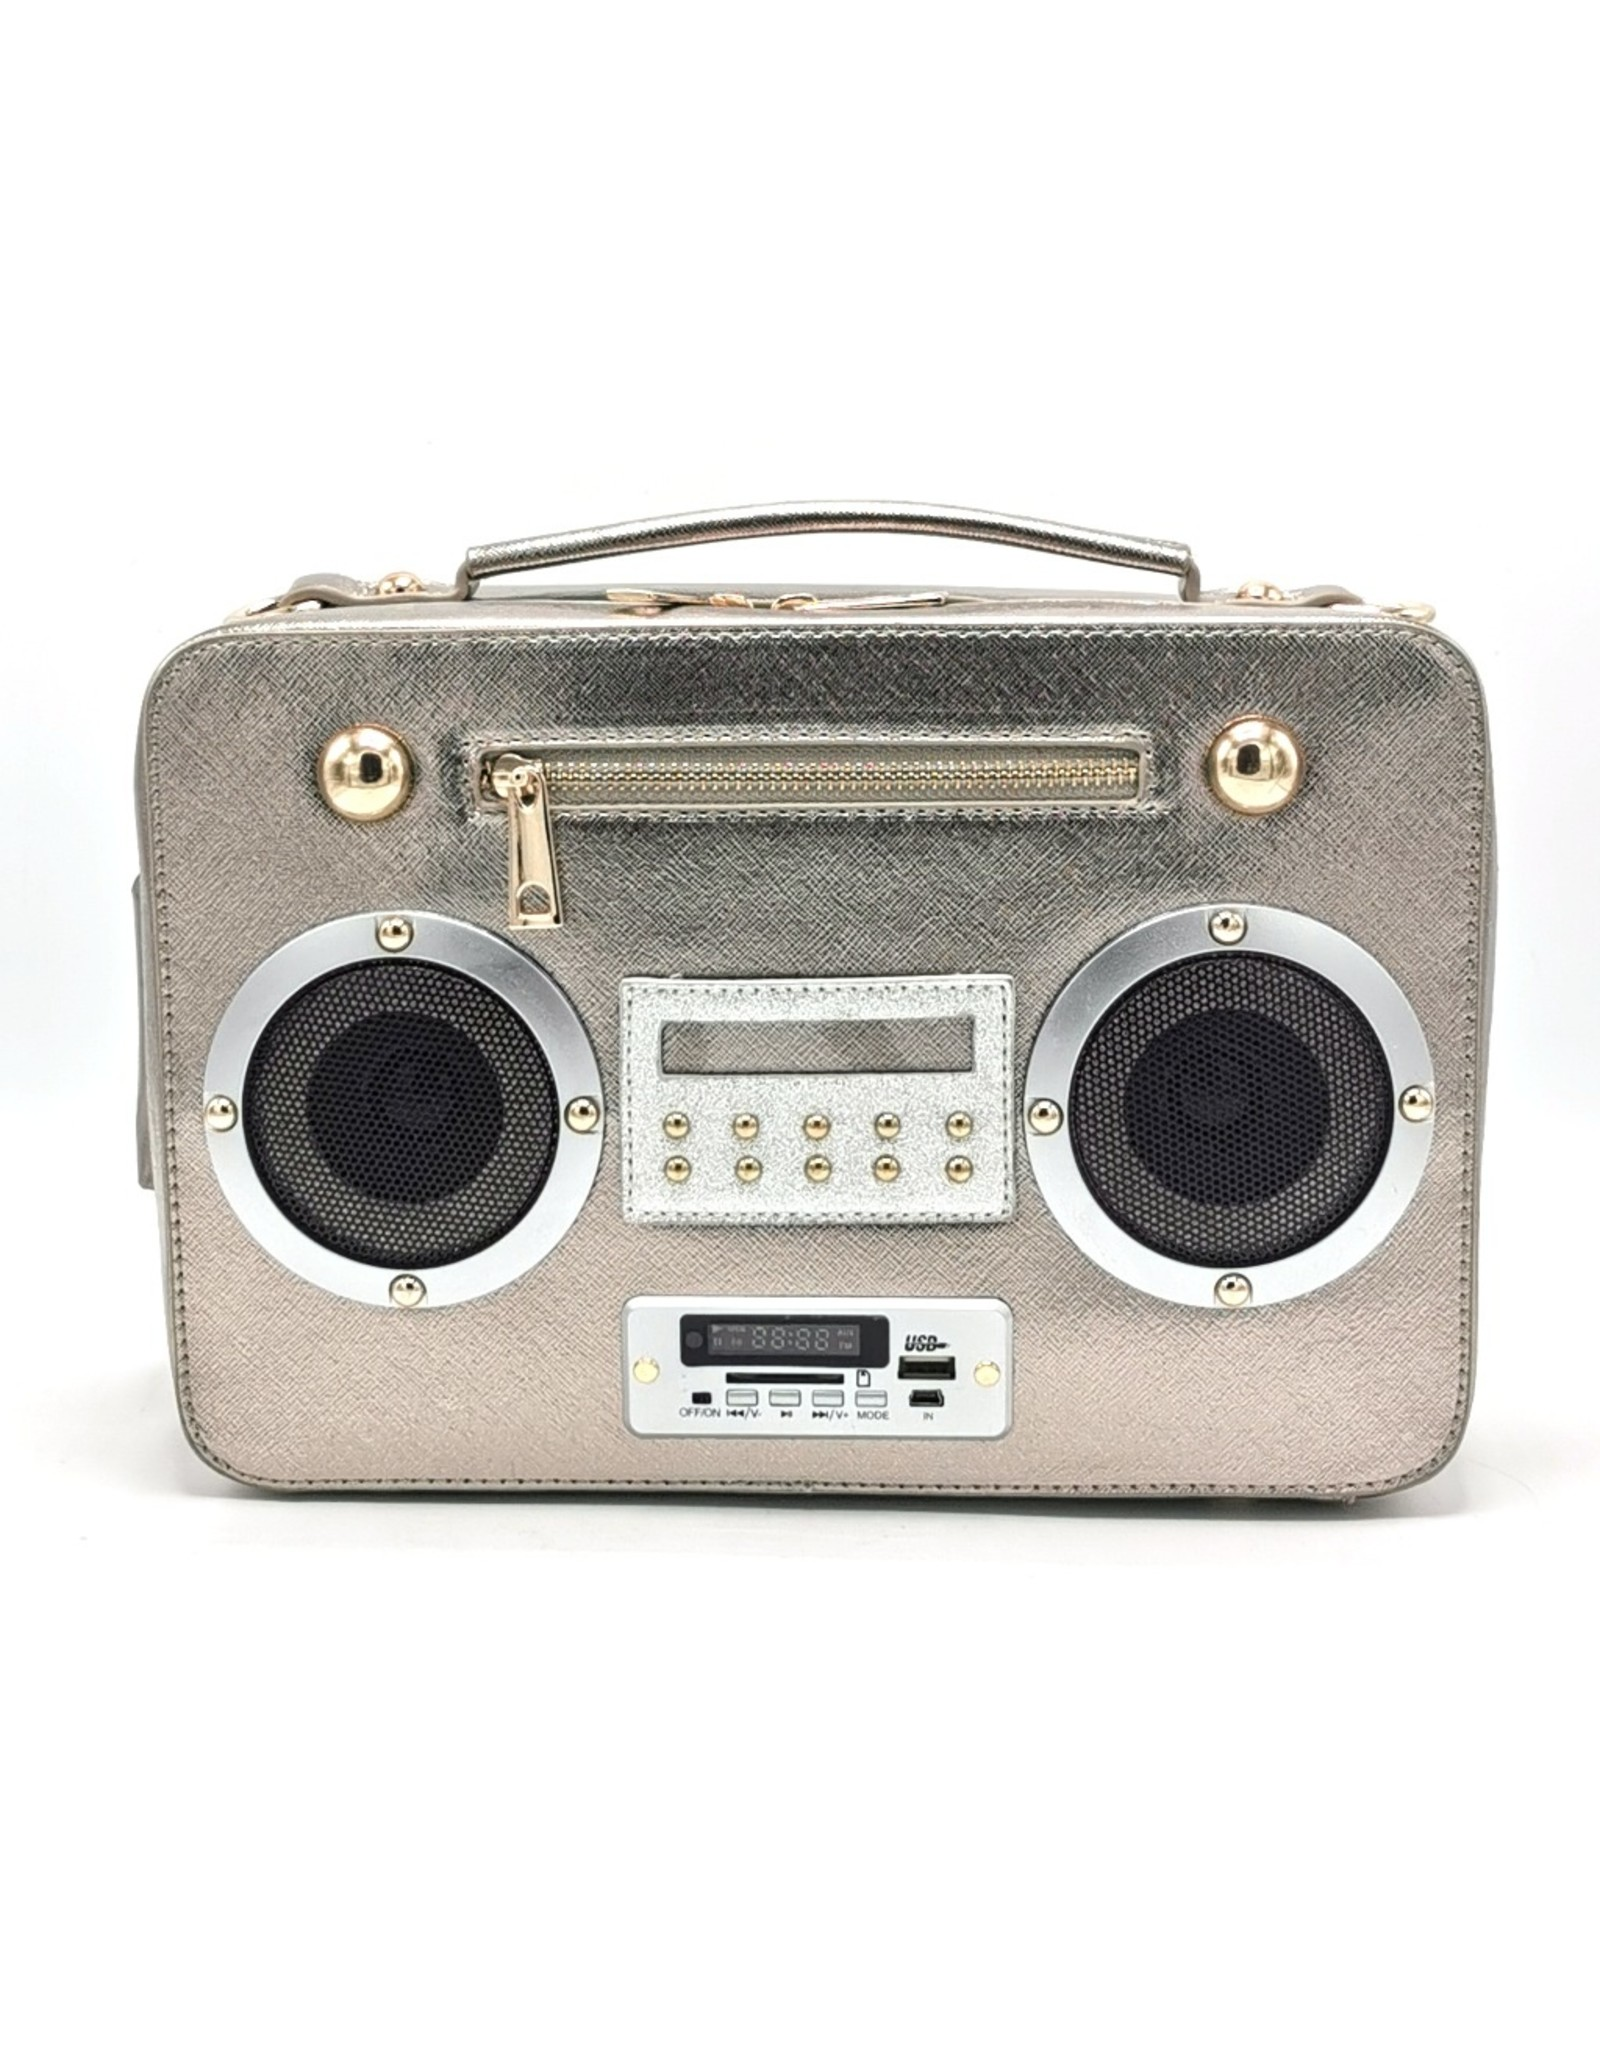 Magic Bags Fantasy tassen en portemonnees - Boombox Radio Handtas met Echte Radio zilver